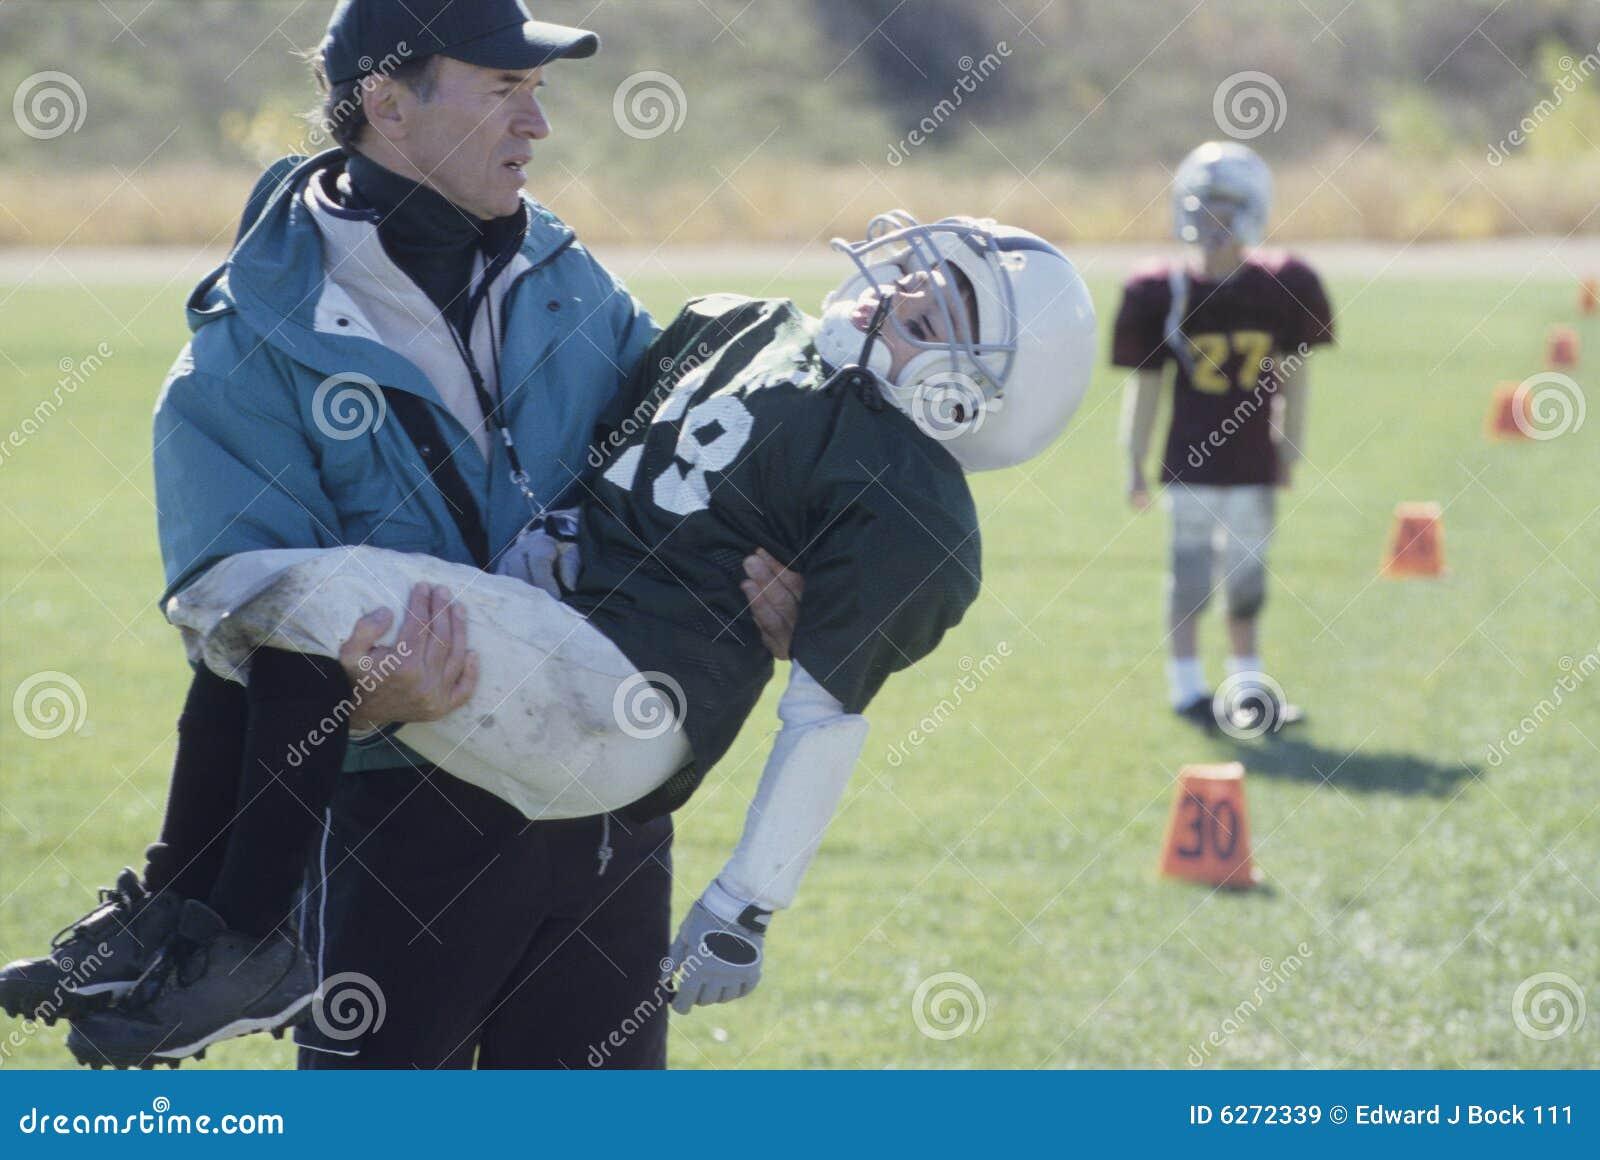 Coche de la liga pequeña con el futbolista dañado